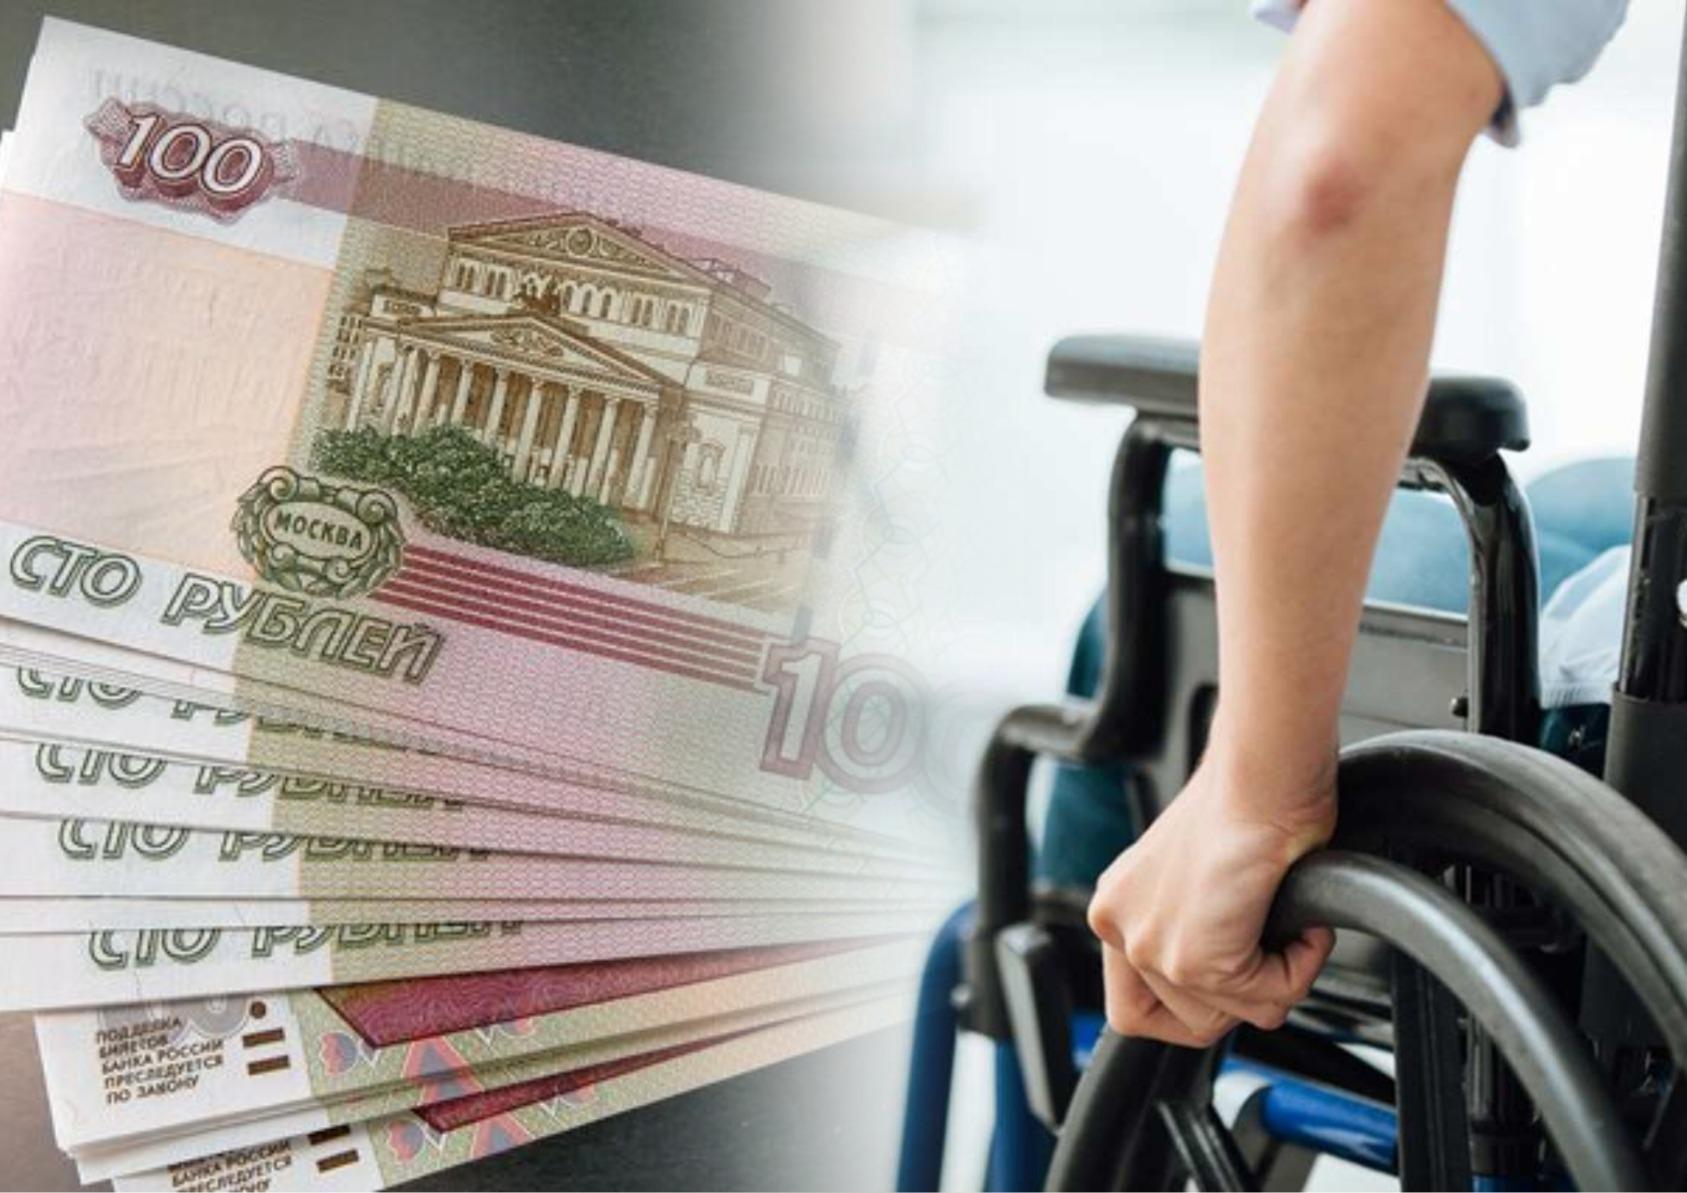 ЕДВ инвалидам II группы в 2021 году: размер выплаты, назначение